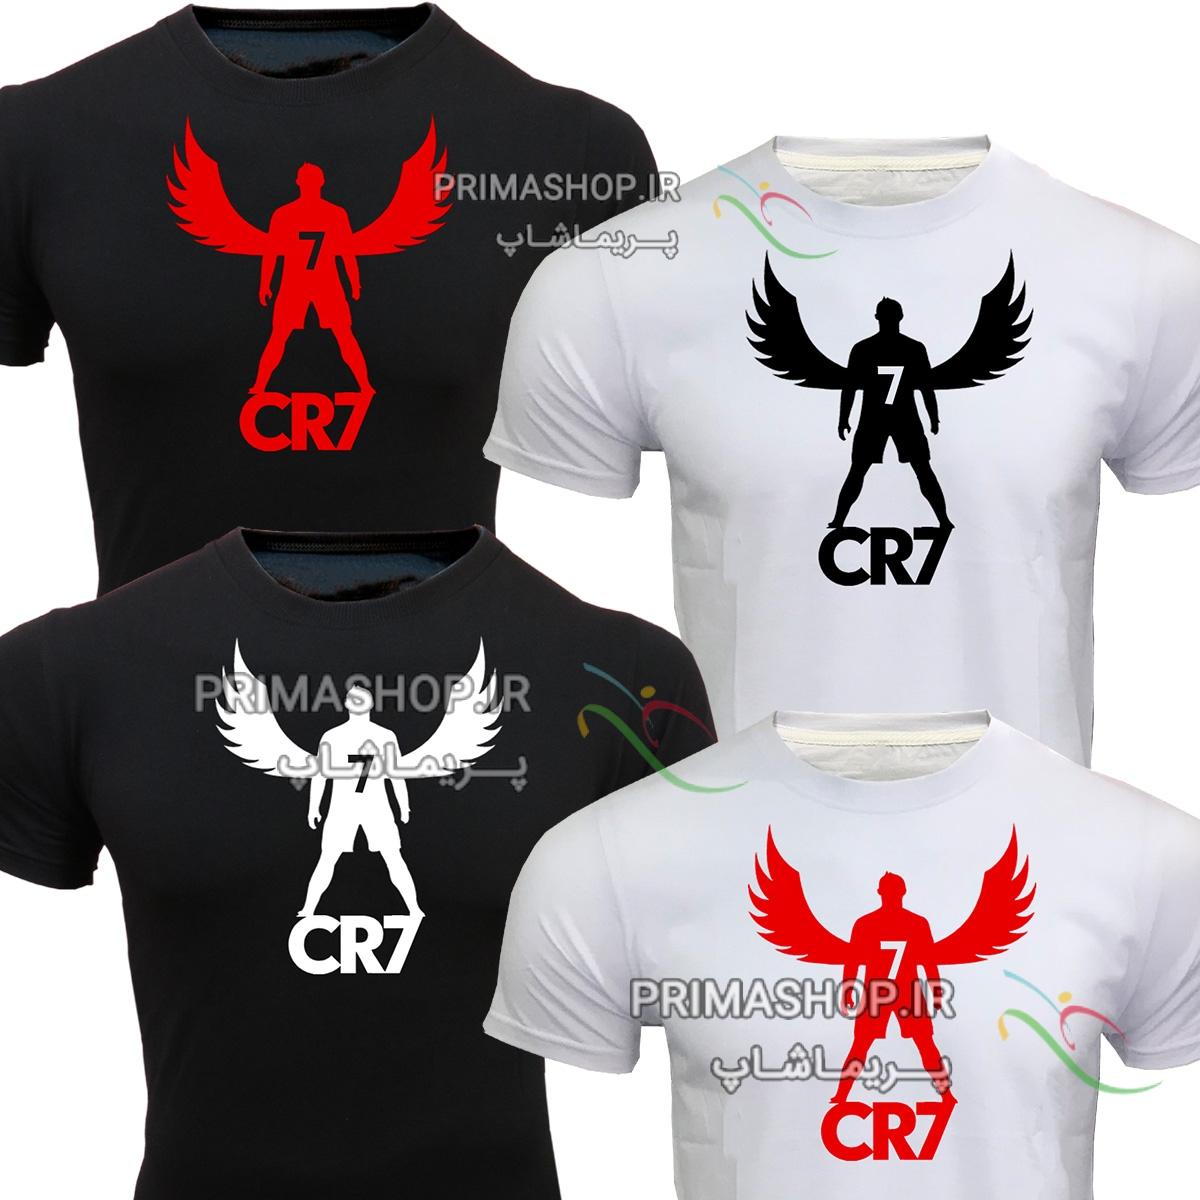 لباس اسپرت ورزشی  رونالدو طرح CR7